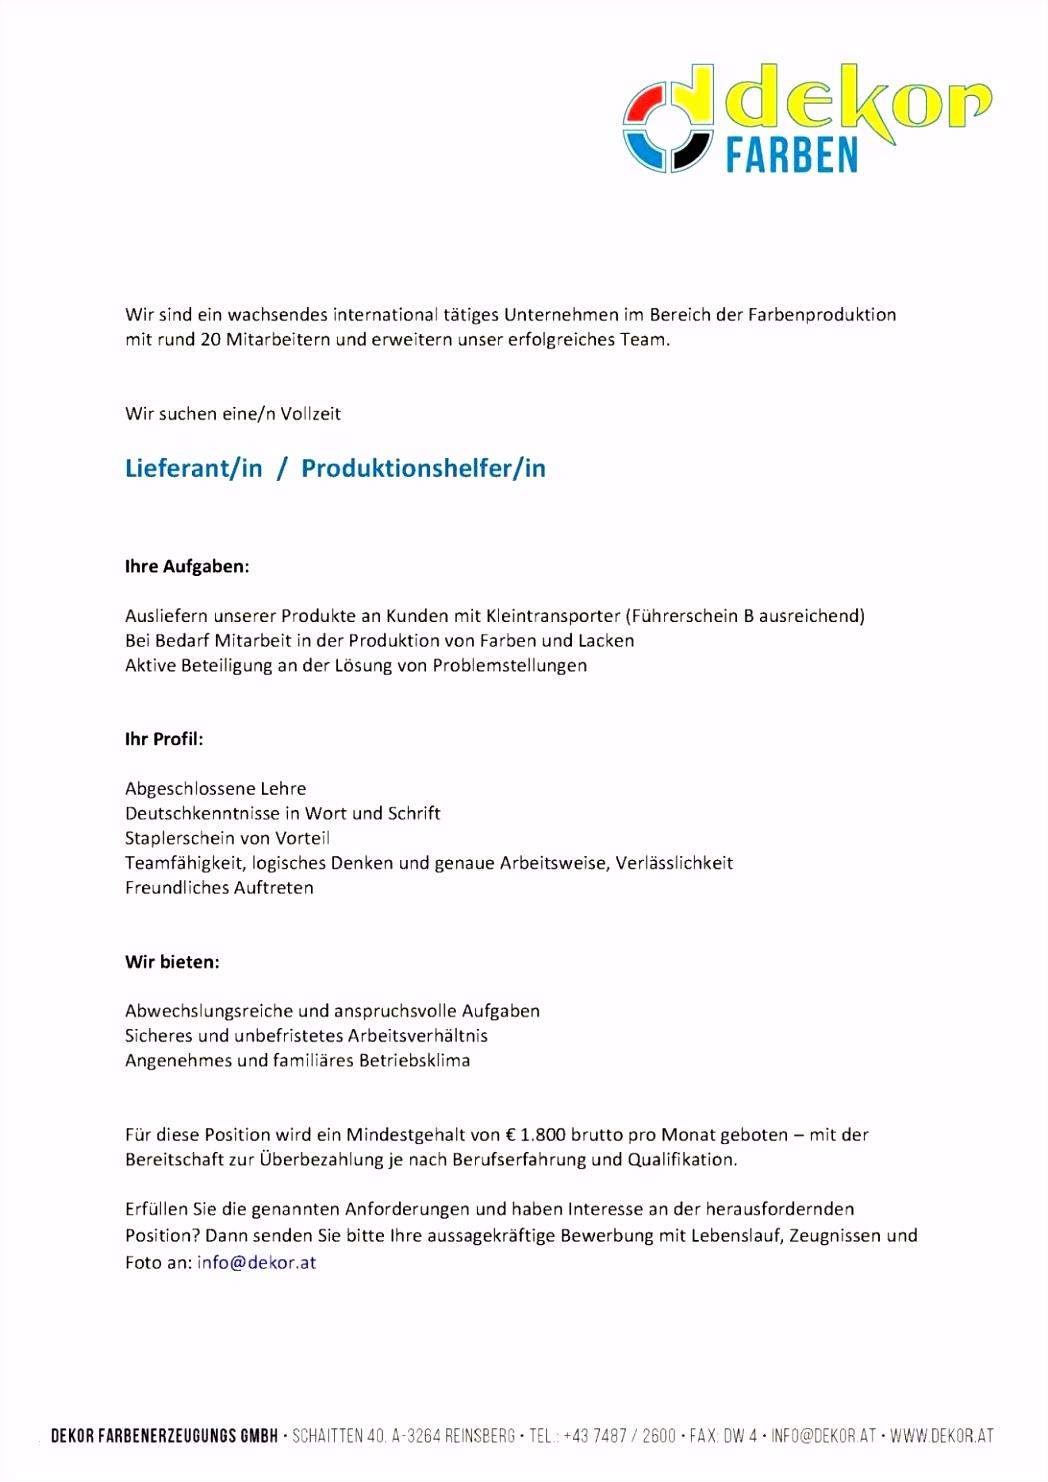 Fuhrerschein Vorlage Beim Arbeitgeber 18 Bewerbung Aushilfe Einzelhandel Ohne Erfahrung P6vu41gsg6 Tuighsbej5